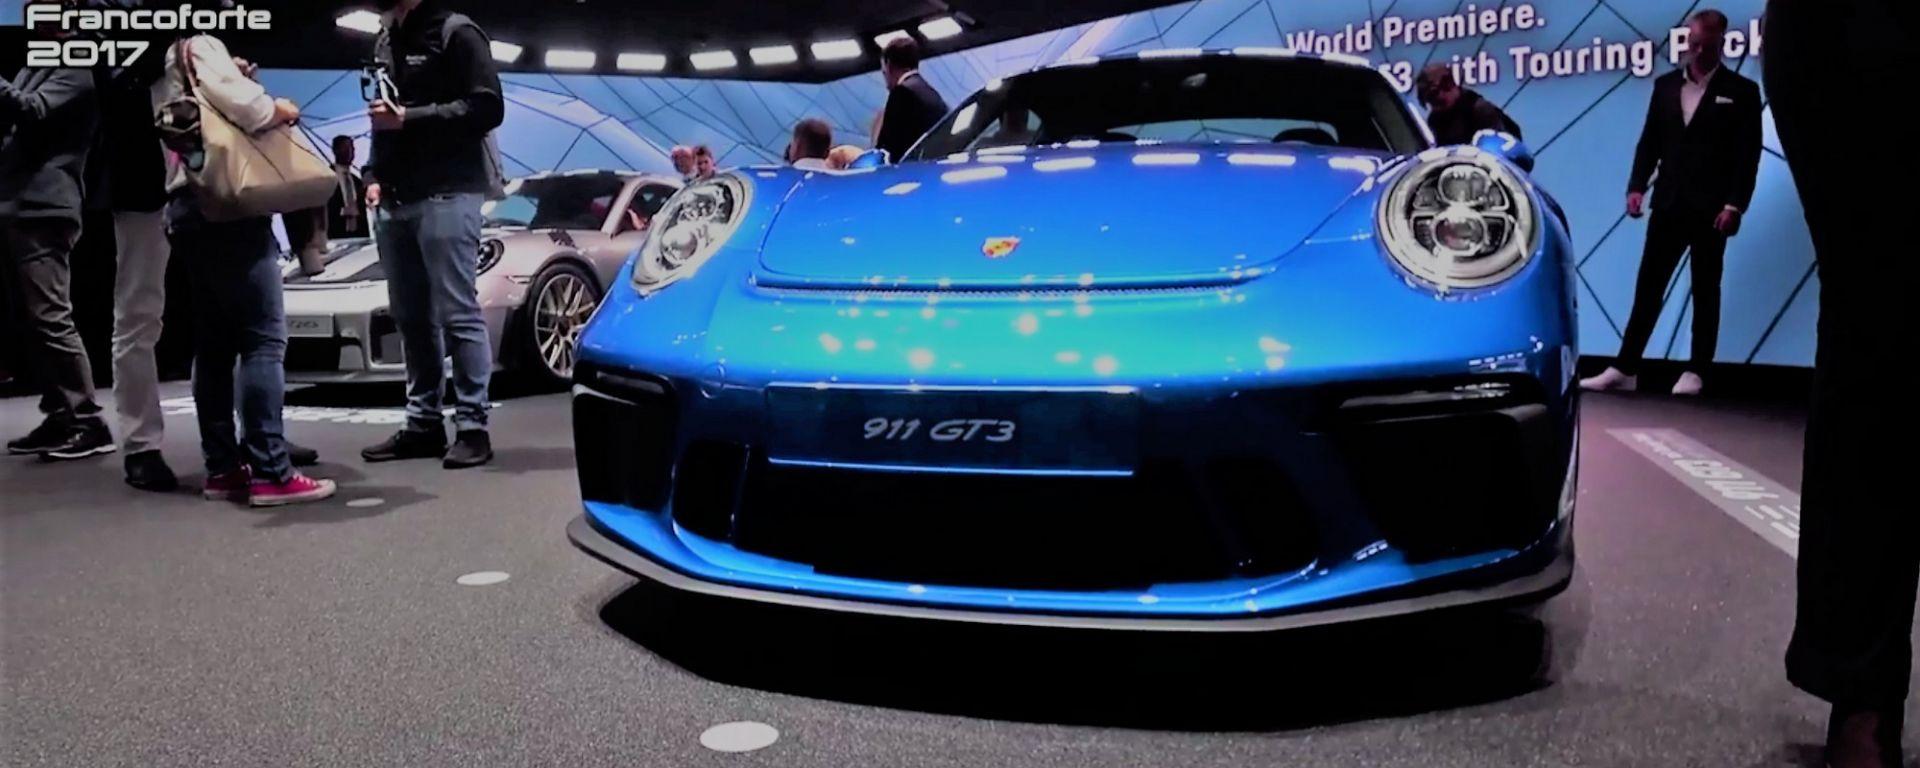 Porsche 911 GT3 Touring Package, la GT3 che non ostenta